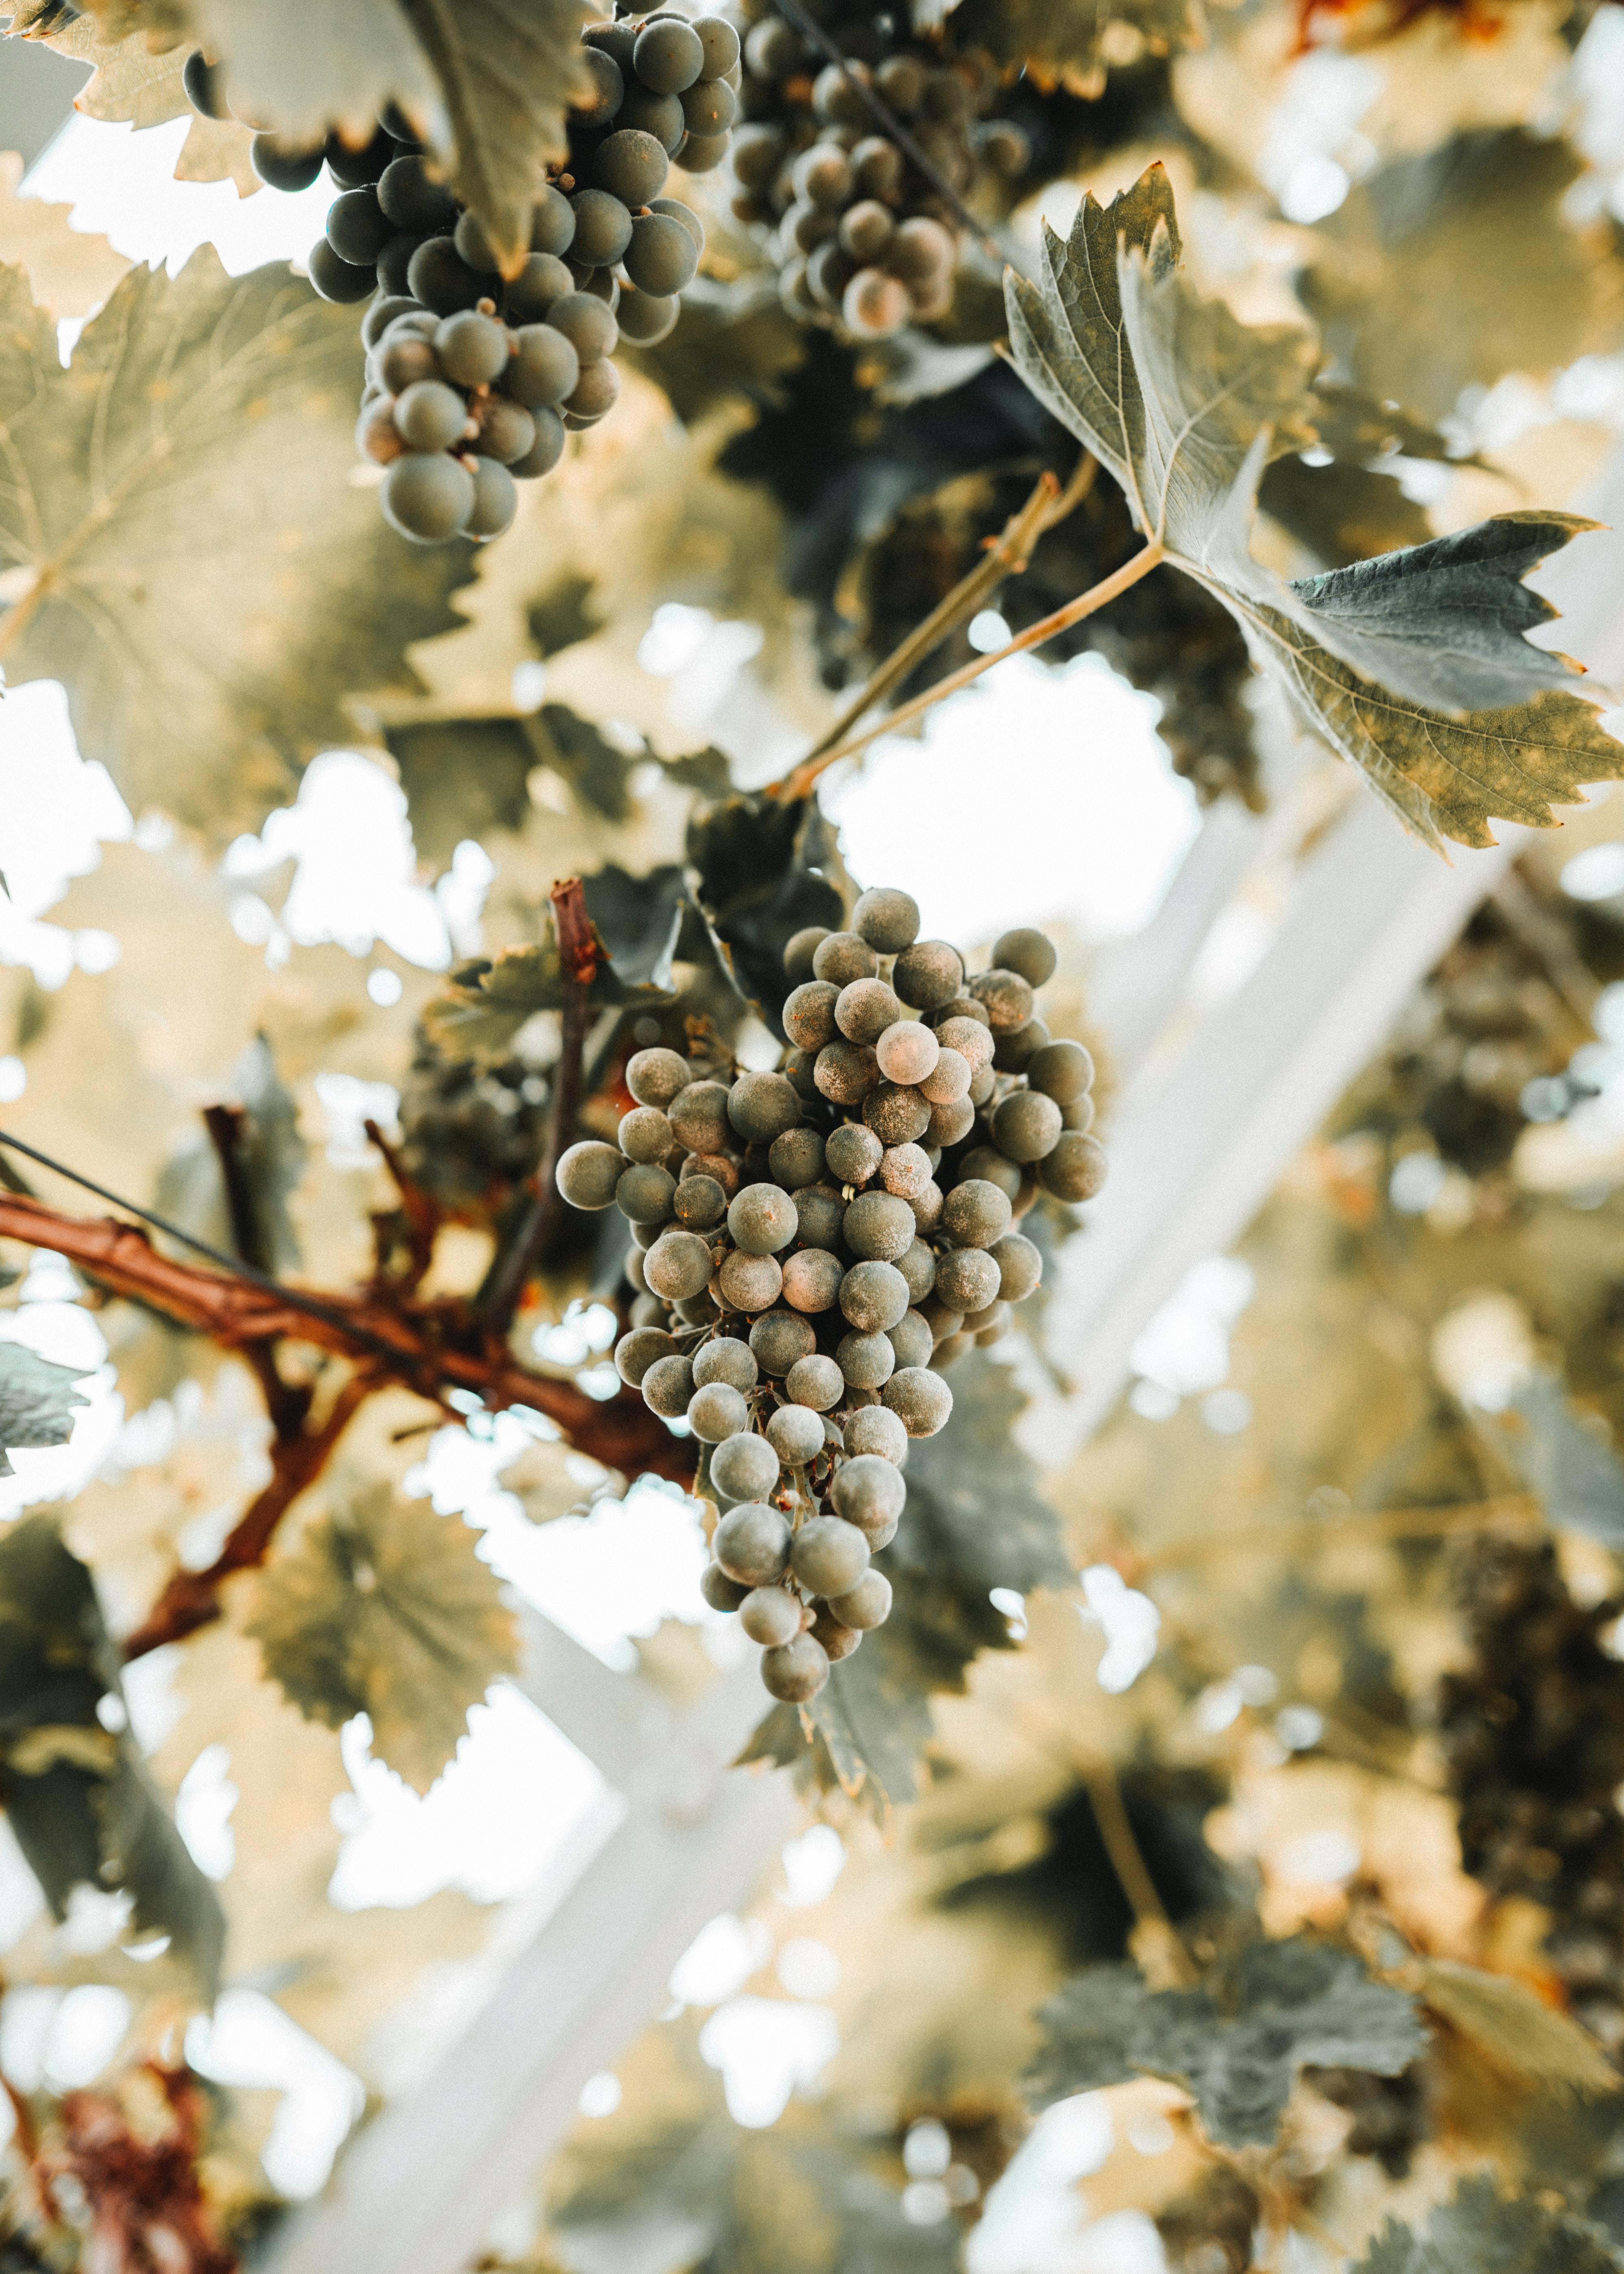 154158 скачать обои Разное, Виноград, Гроздь, Спелый, Лоза, Листья - заставки и картинки бесплатно